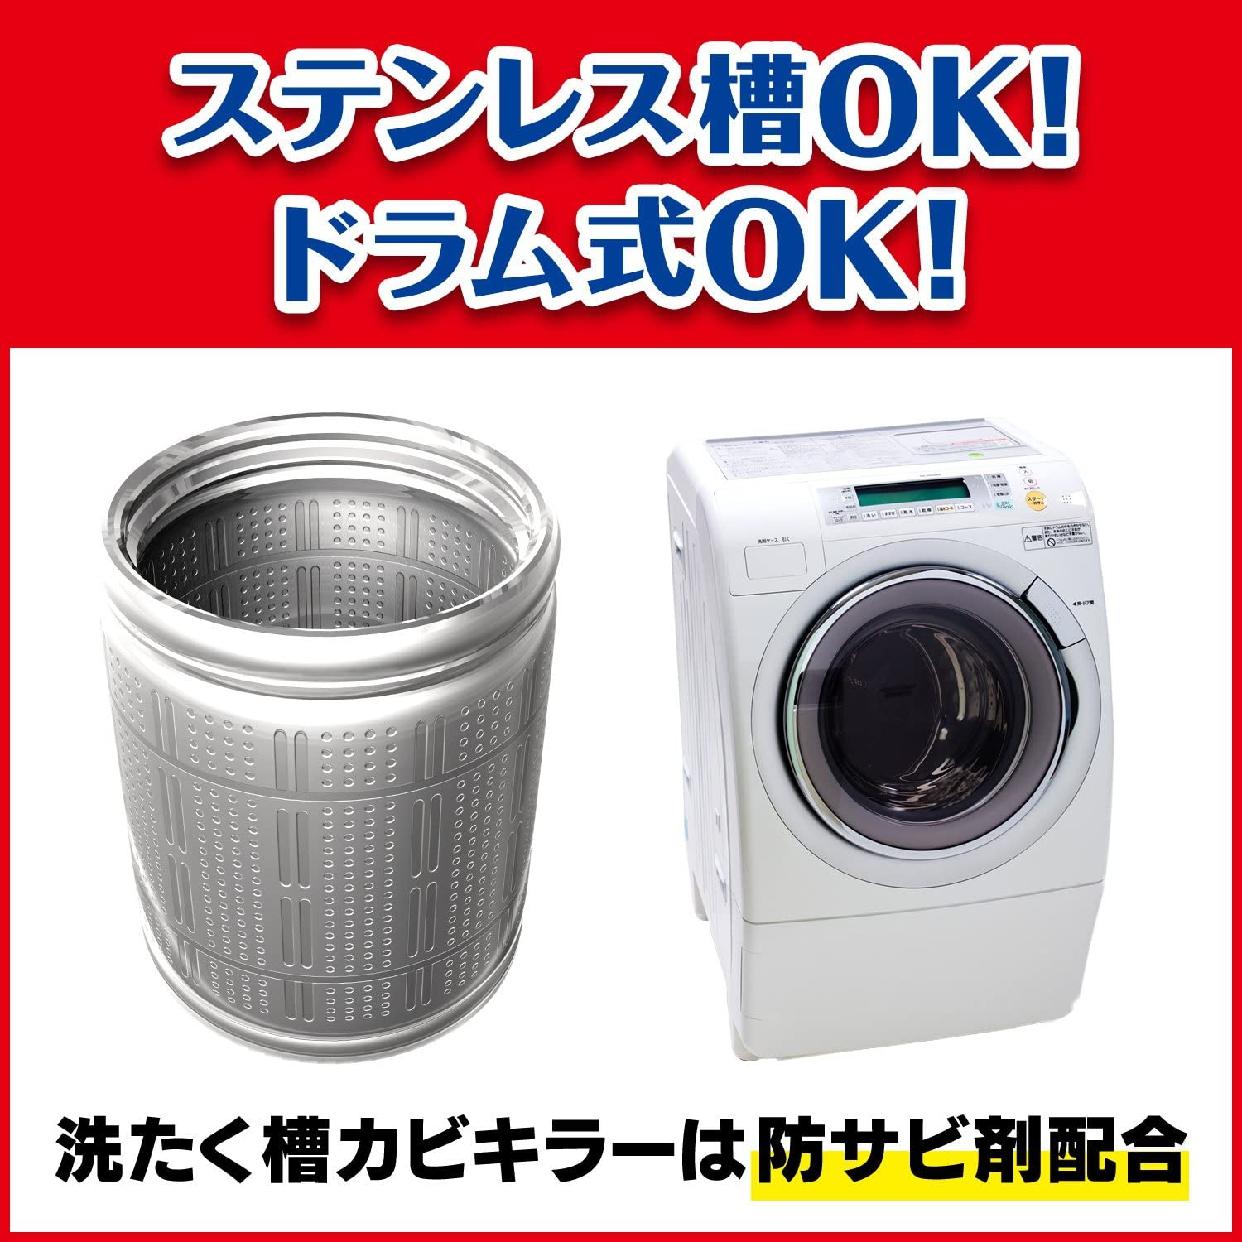 カビキラー 洗たく槽カビキラー (塩素系)の商品画像5